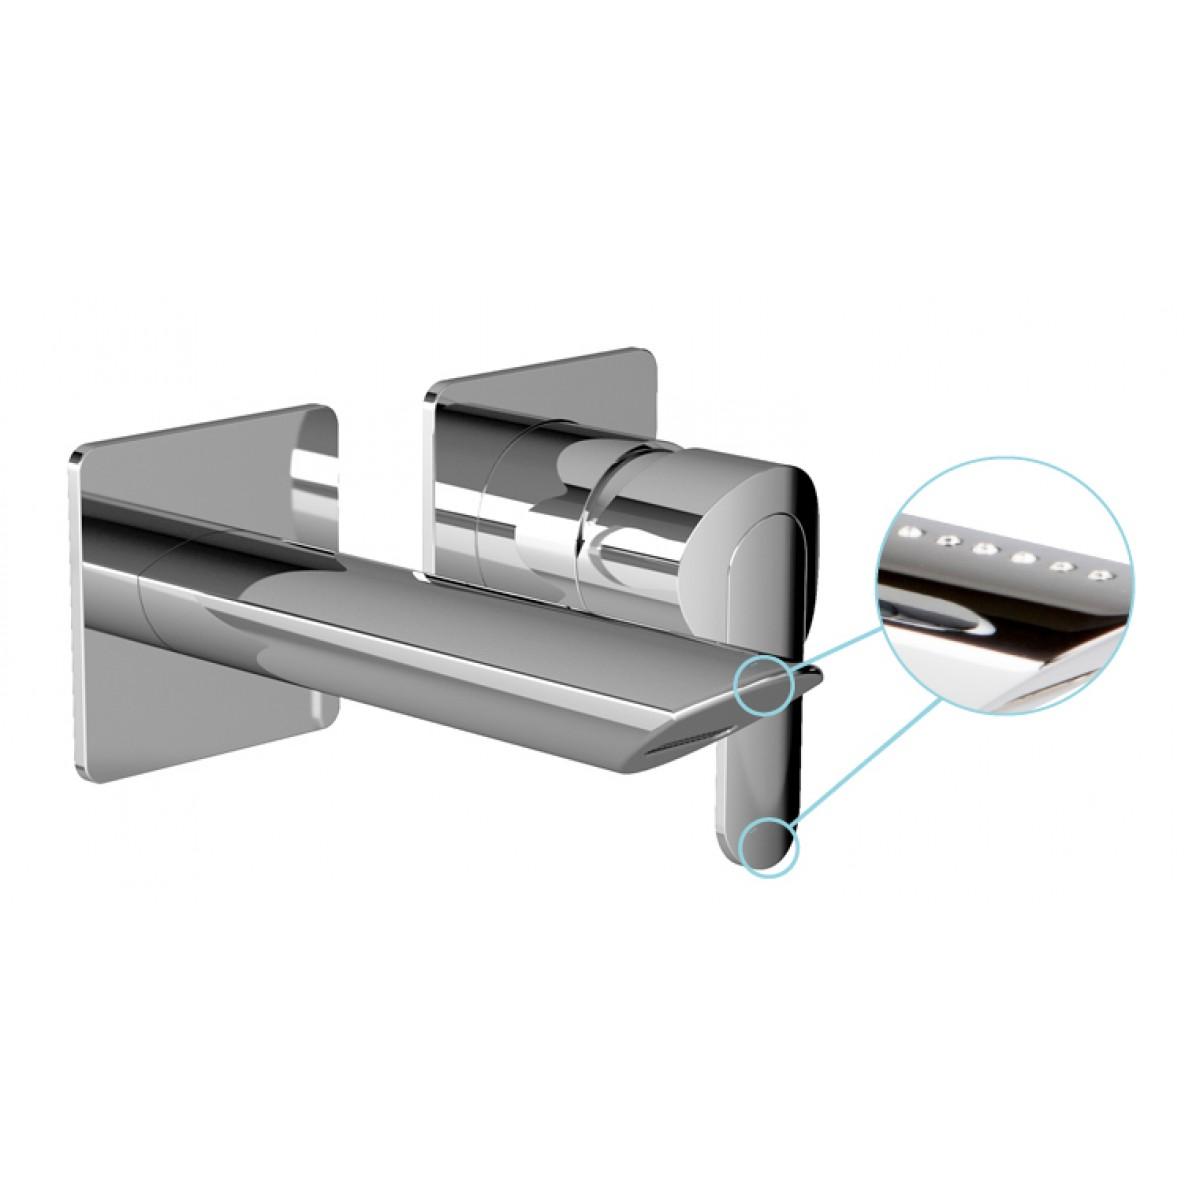 Miscelatore monocomando lavabo da incasso lvbdrc2023000 - Lavabo da incasso bagno ...